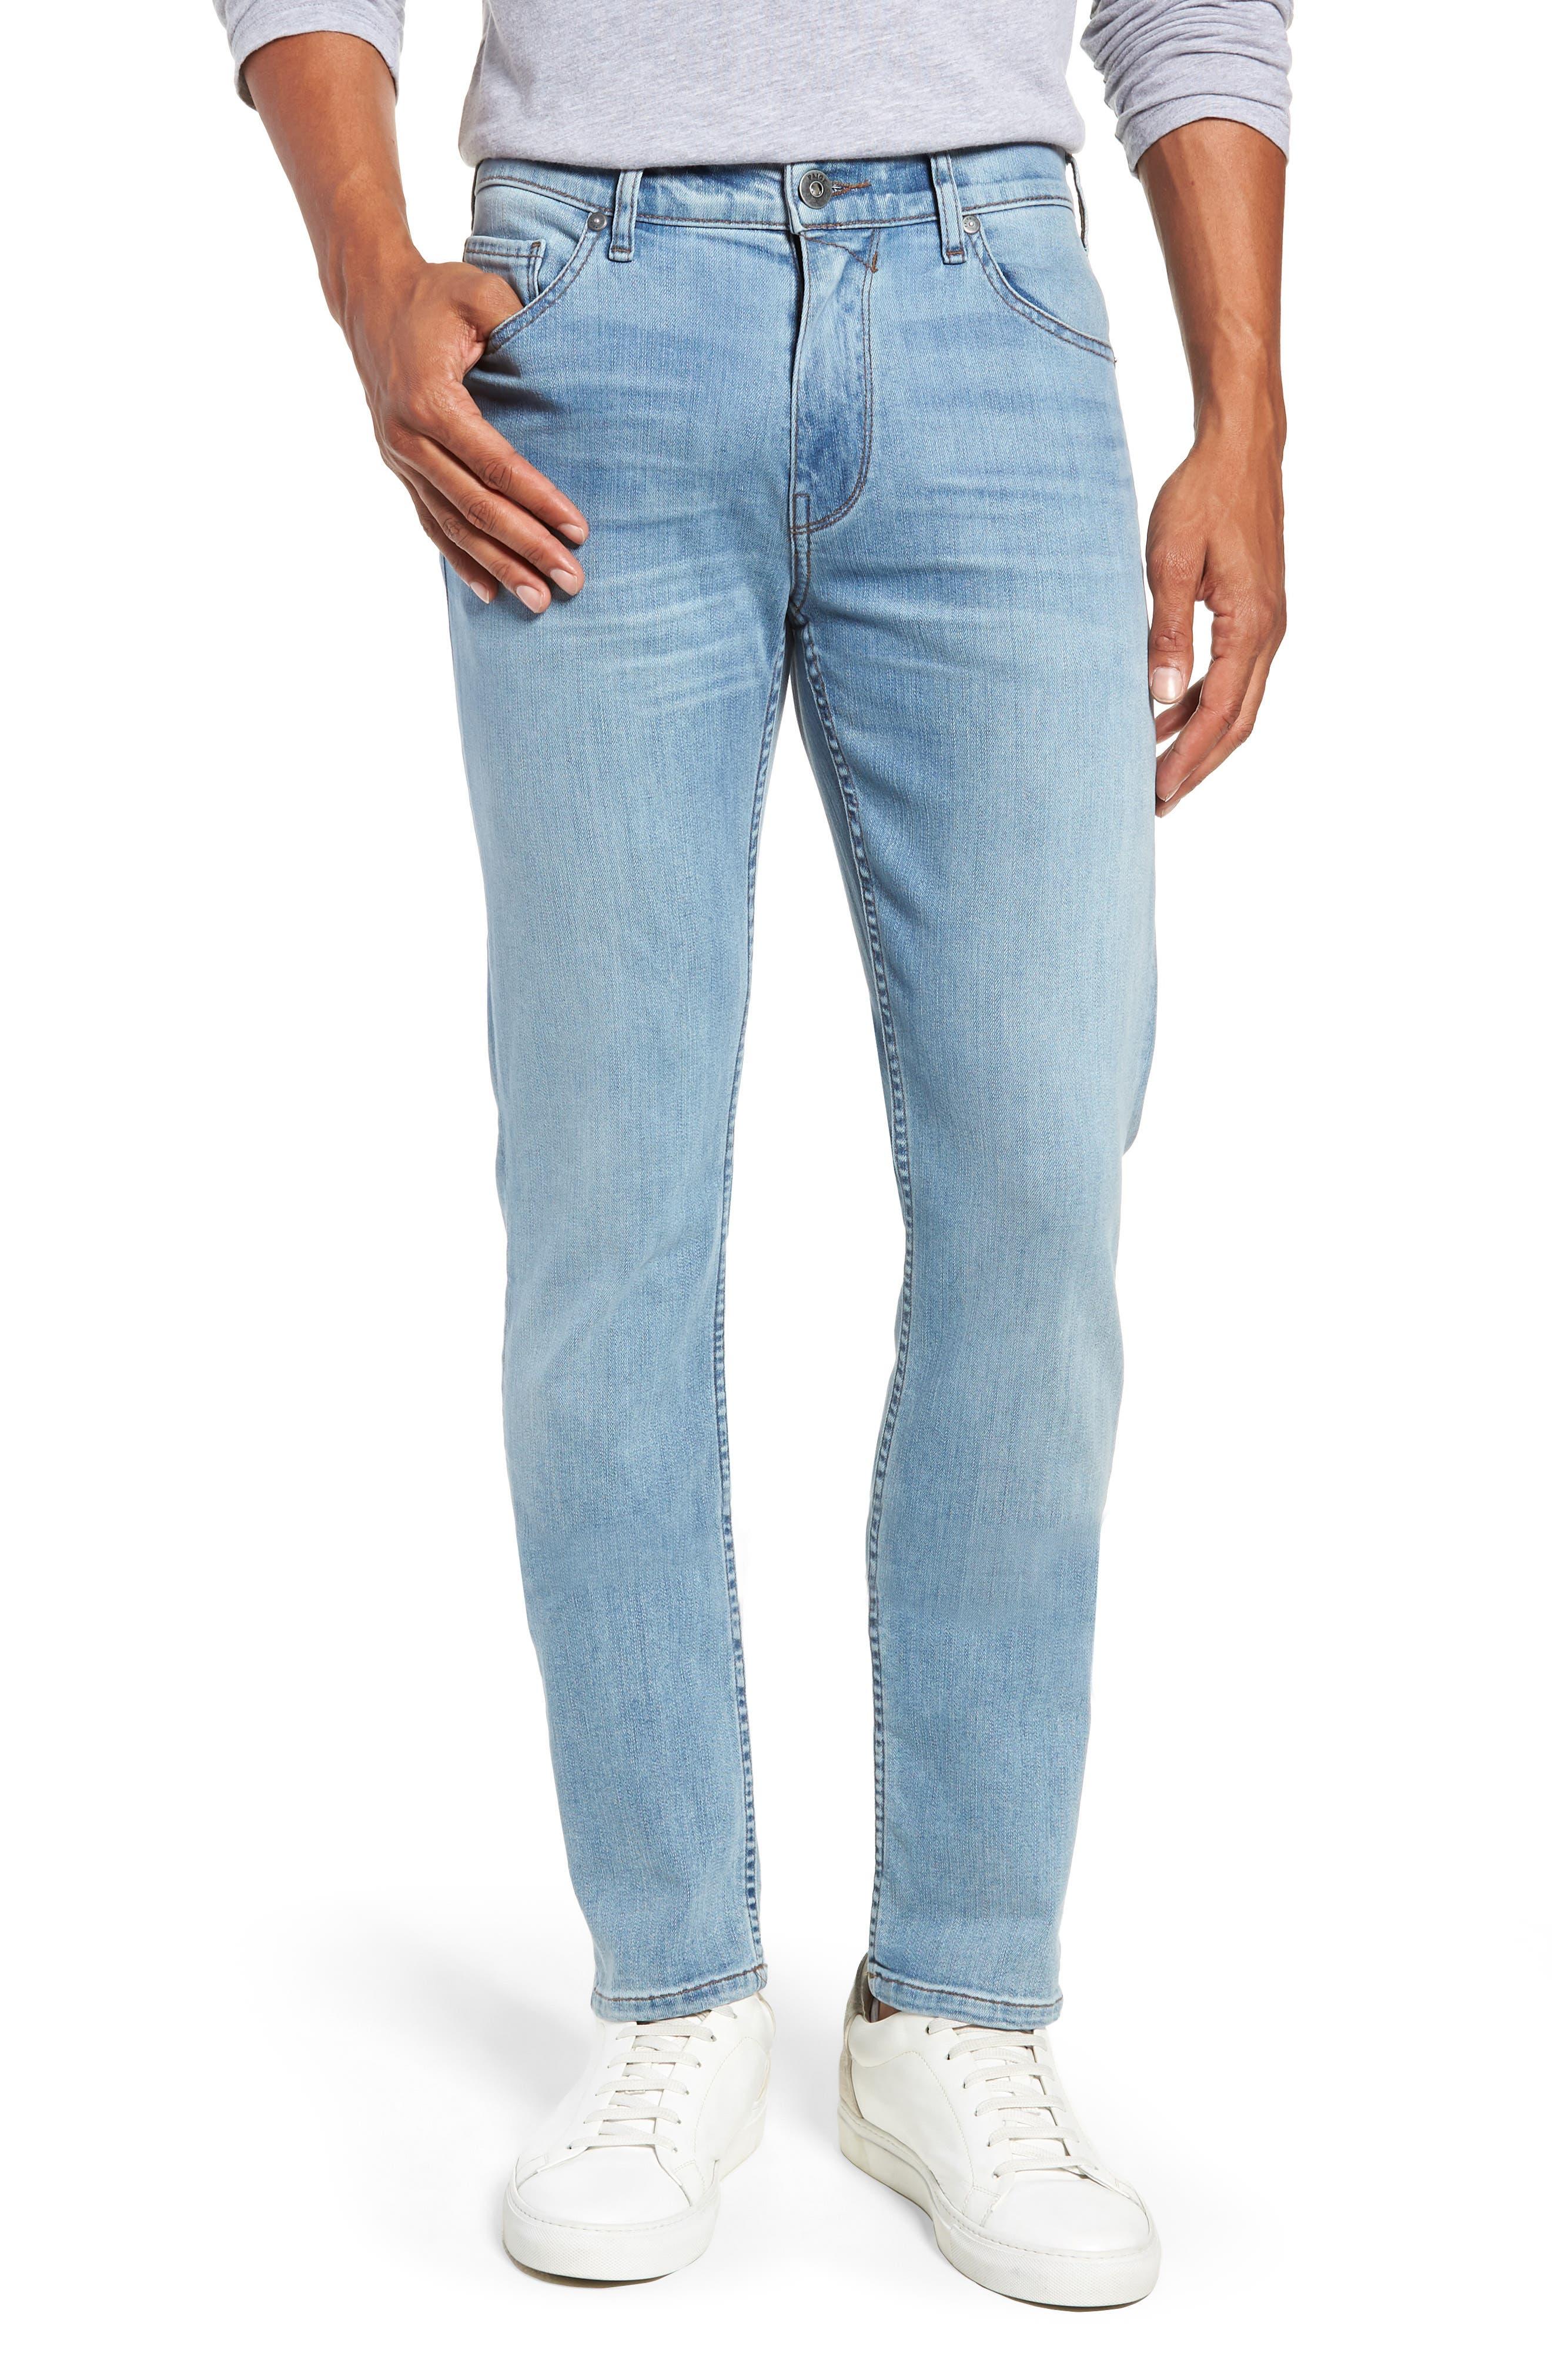 Transcend Vintage - Lennox Slim Fit Jeans,                             Main thumbnail 1, color,                             DENVER